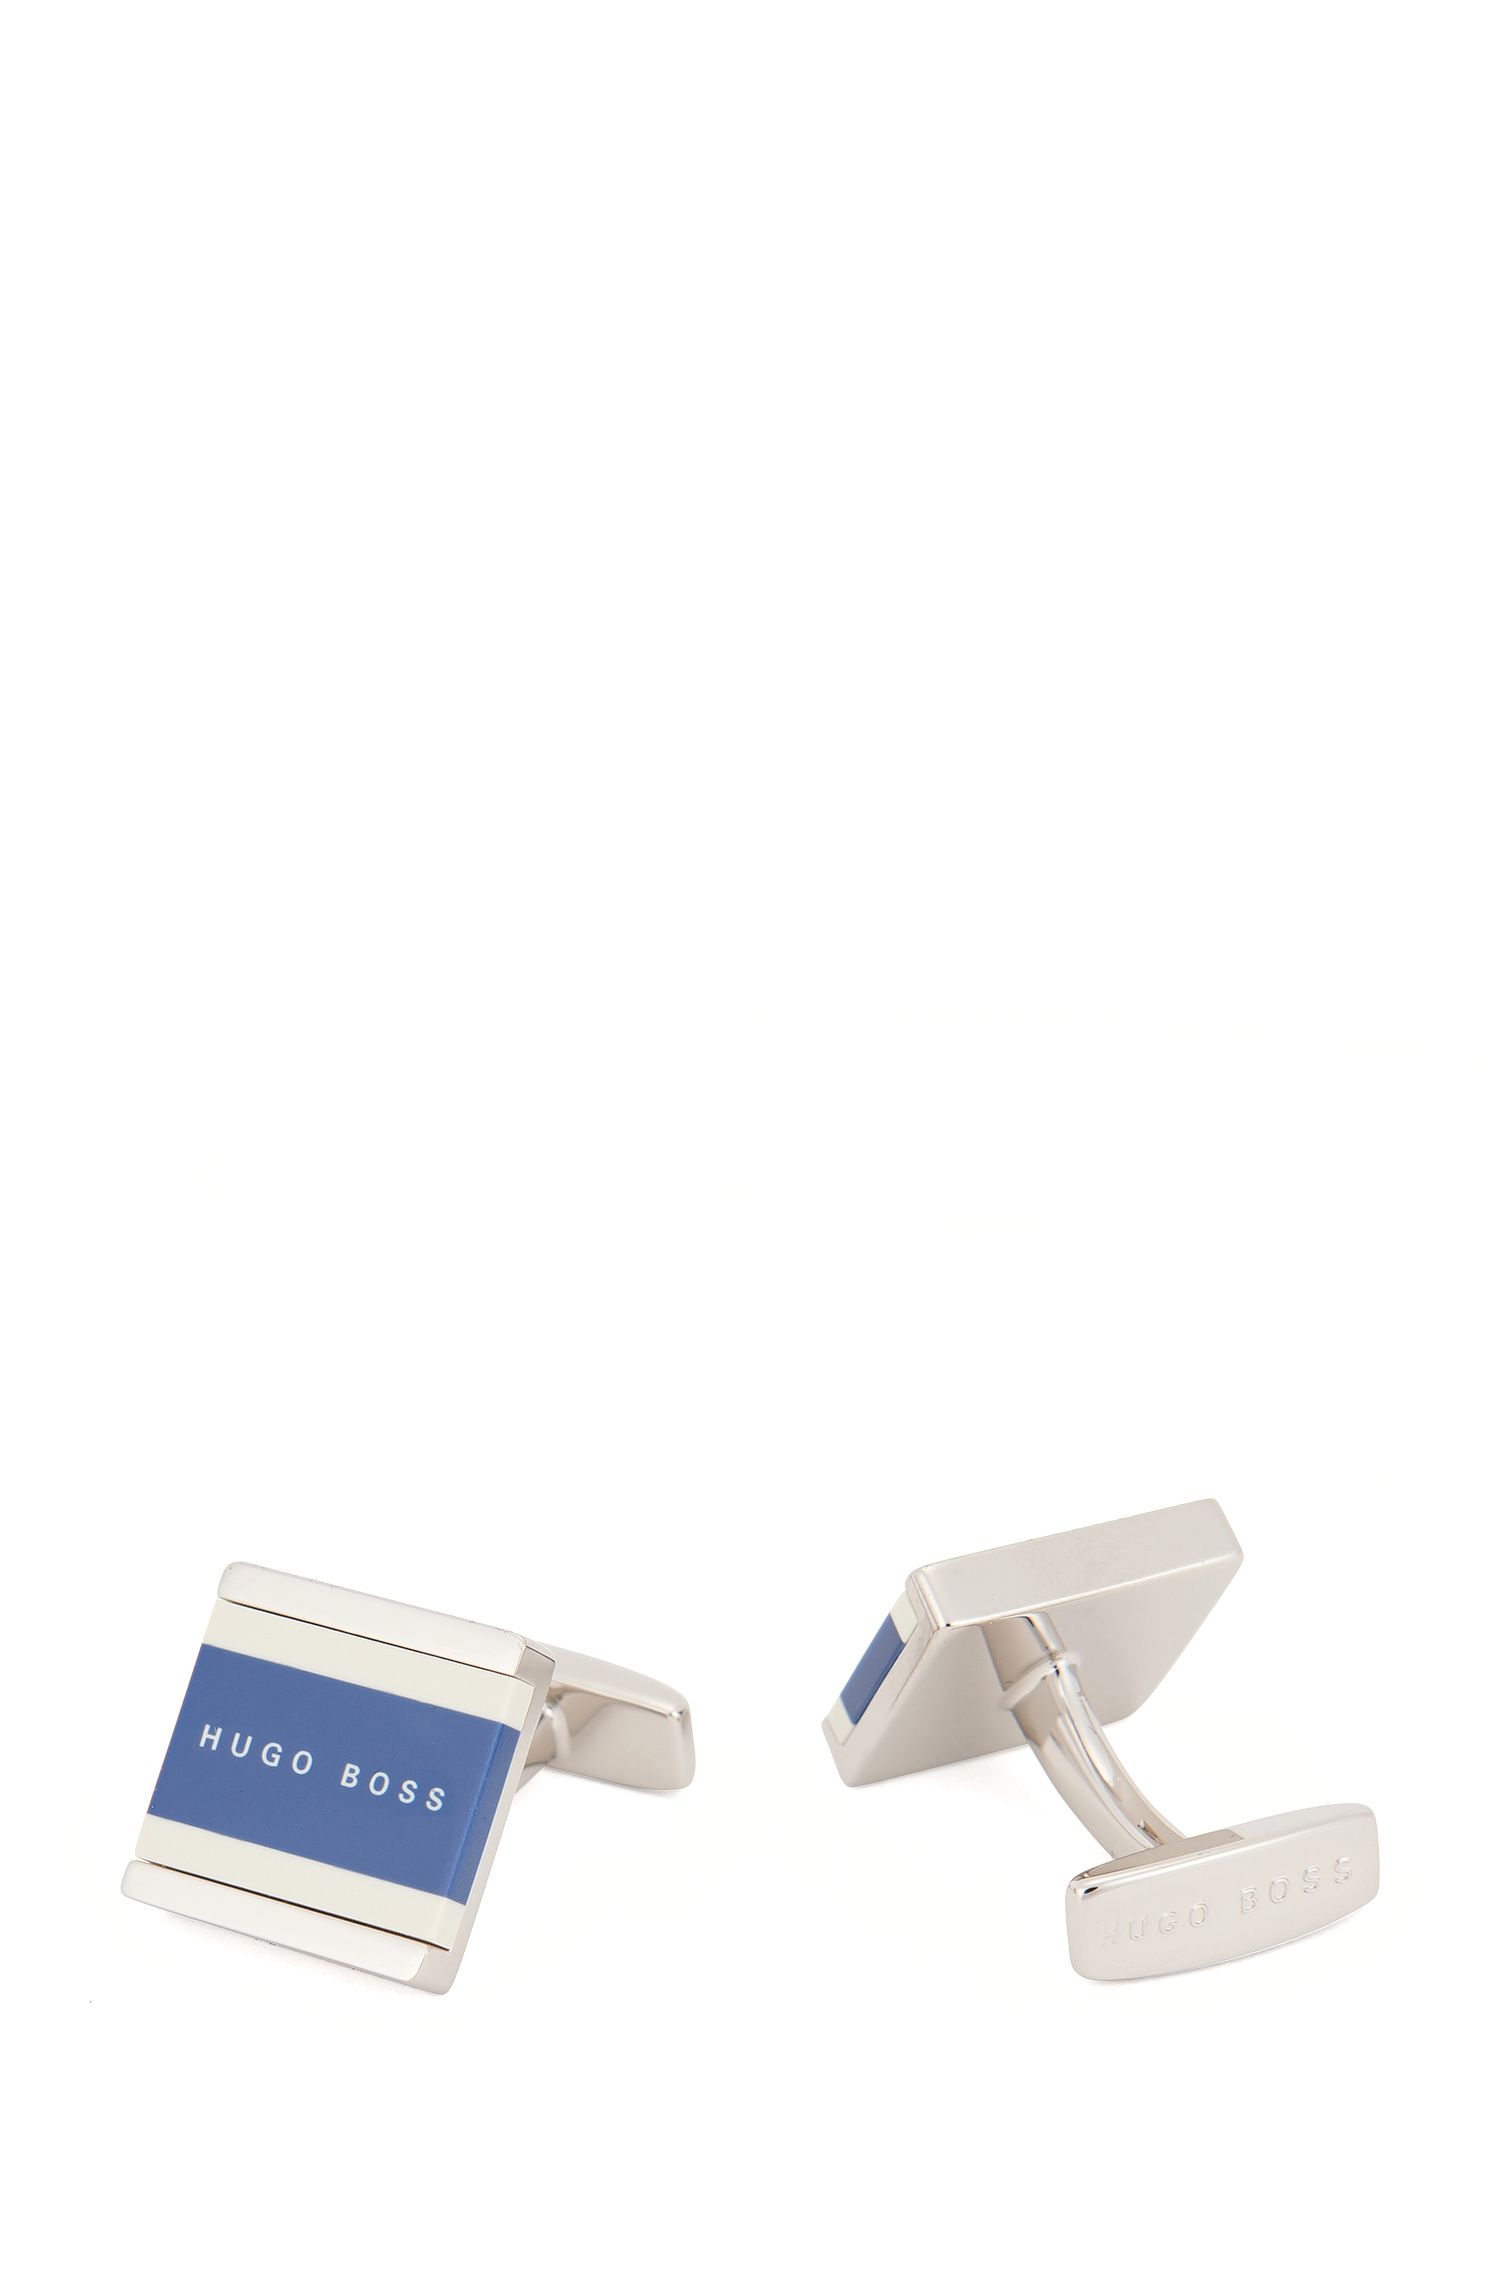 Quadratische Manschettenknöpfe aus Messing mit Emaille-Einsatz